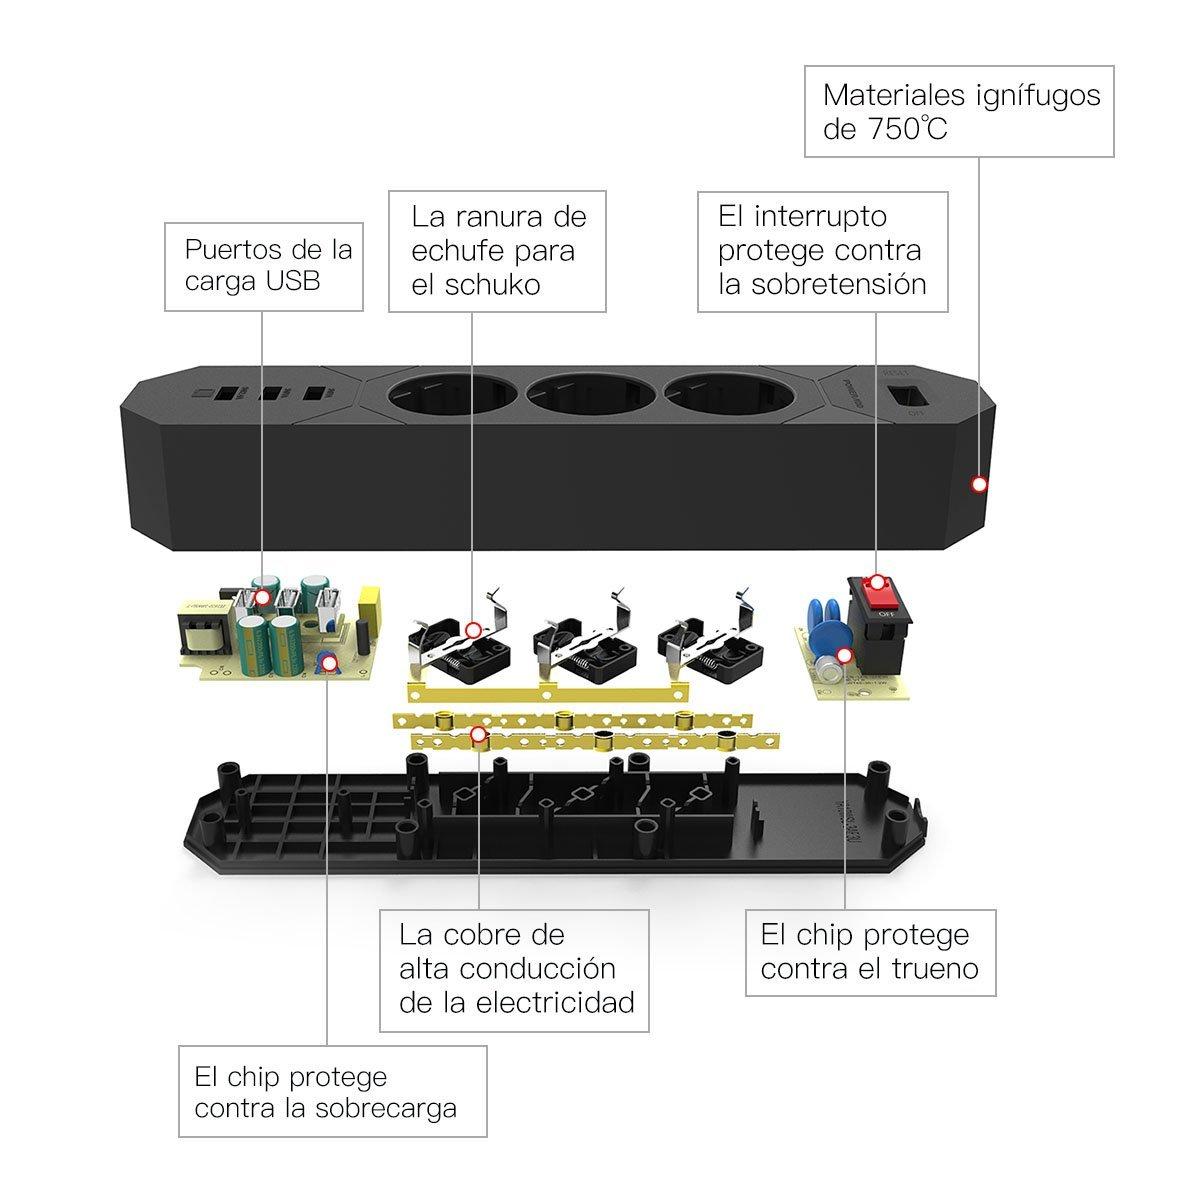 Poweradd Regleta de 3 Tomas con 3 Puertos de Carga USB (2 de 1A y 1 de 2.4A) y 1 interruptor (Protección contra la Sobrecarga), cable 1.8m, 4000W- Negro